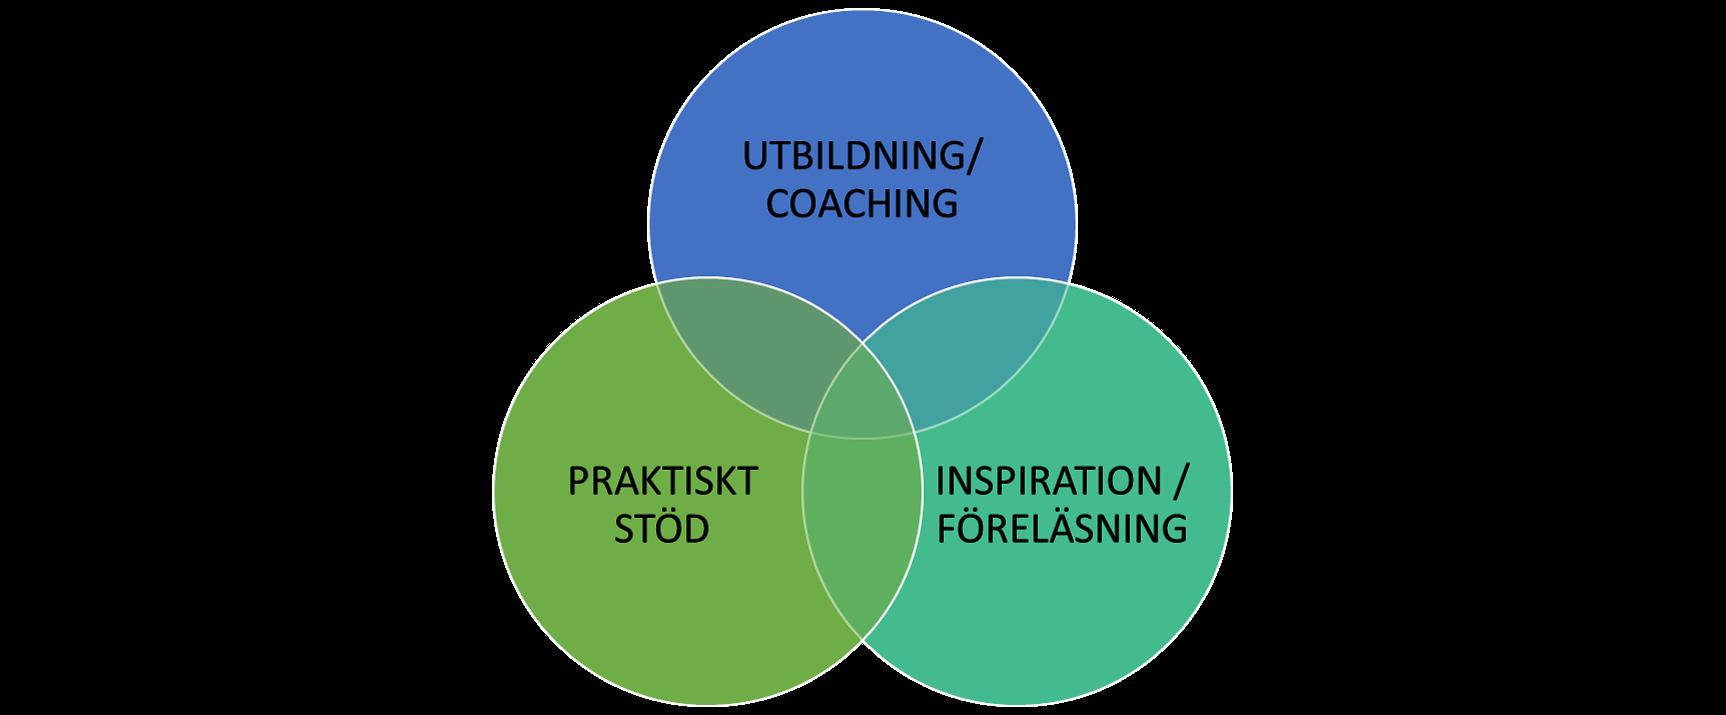 verksamhetsutveckling utbildning konsult föreläsningar praktiskt stöd lean six sigma ledarskap